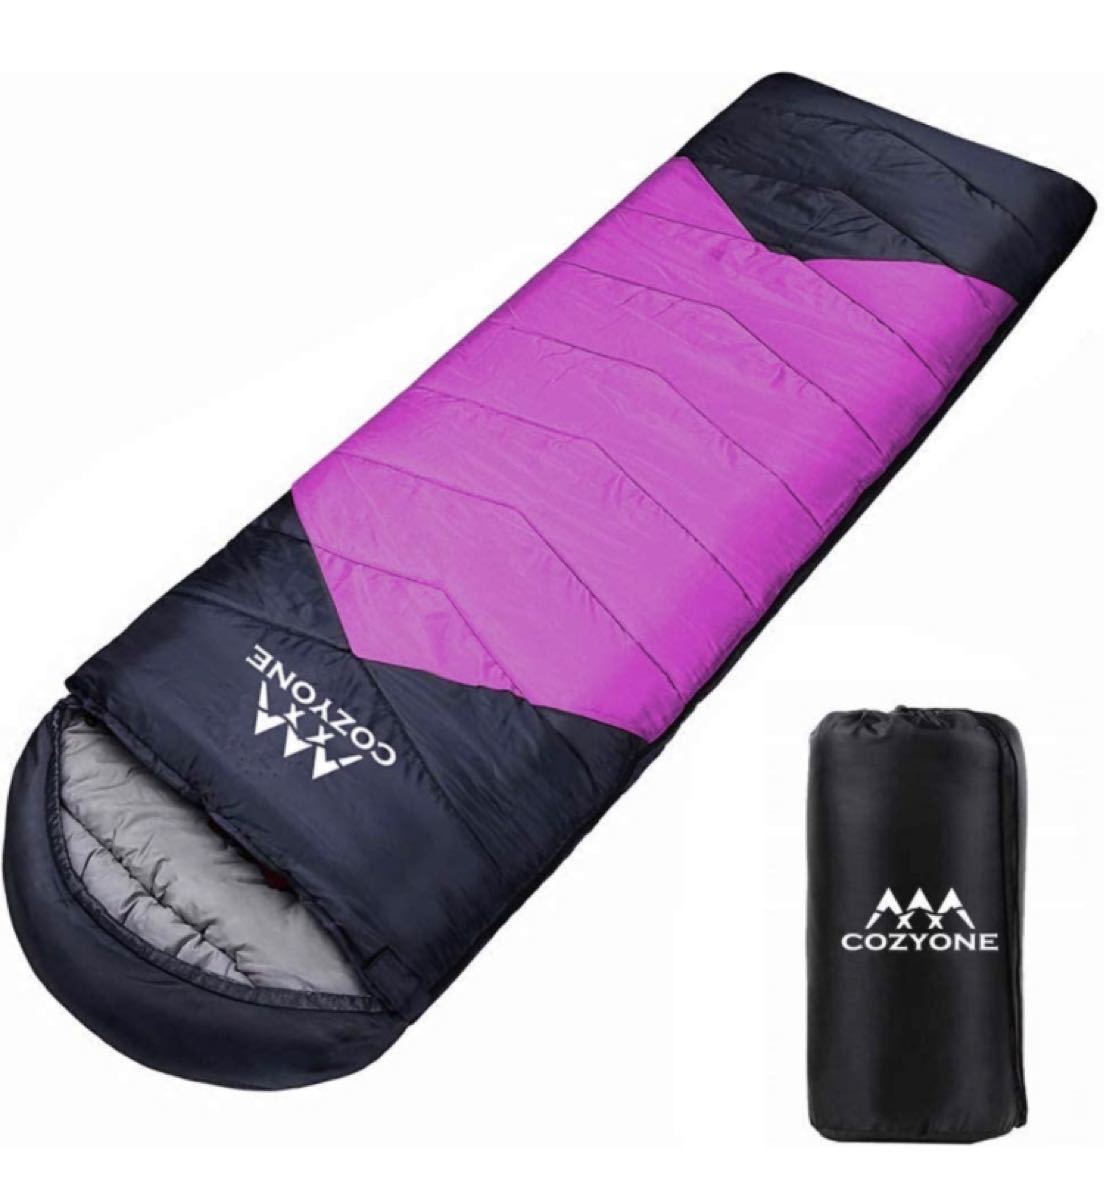 寝袋 シュラフ 封筒型 軽量 保温 210T防水 コンパクト アウトドア キャンプ 丸洗い可能 快適温度-5度-25度 950g